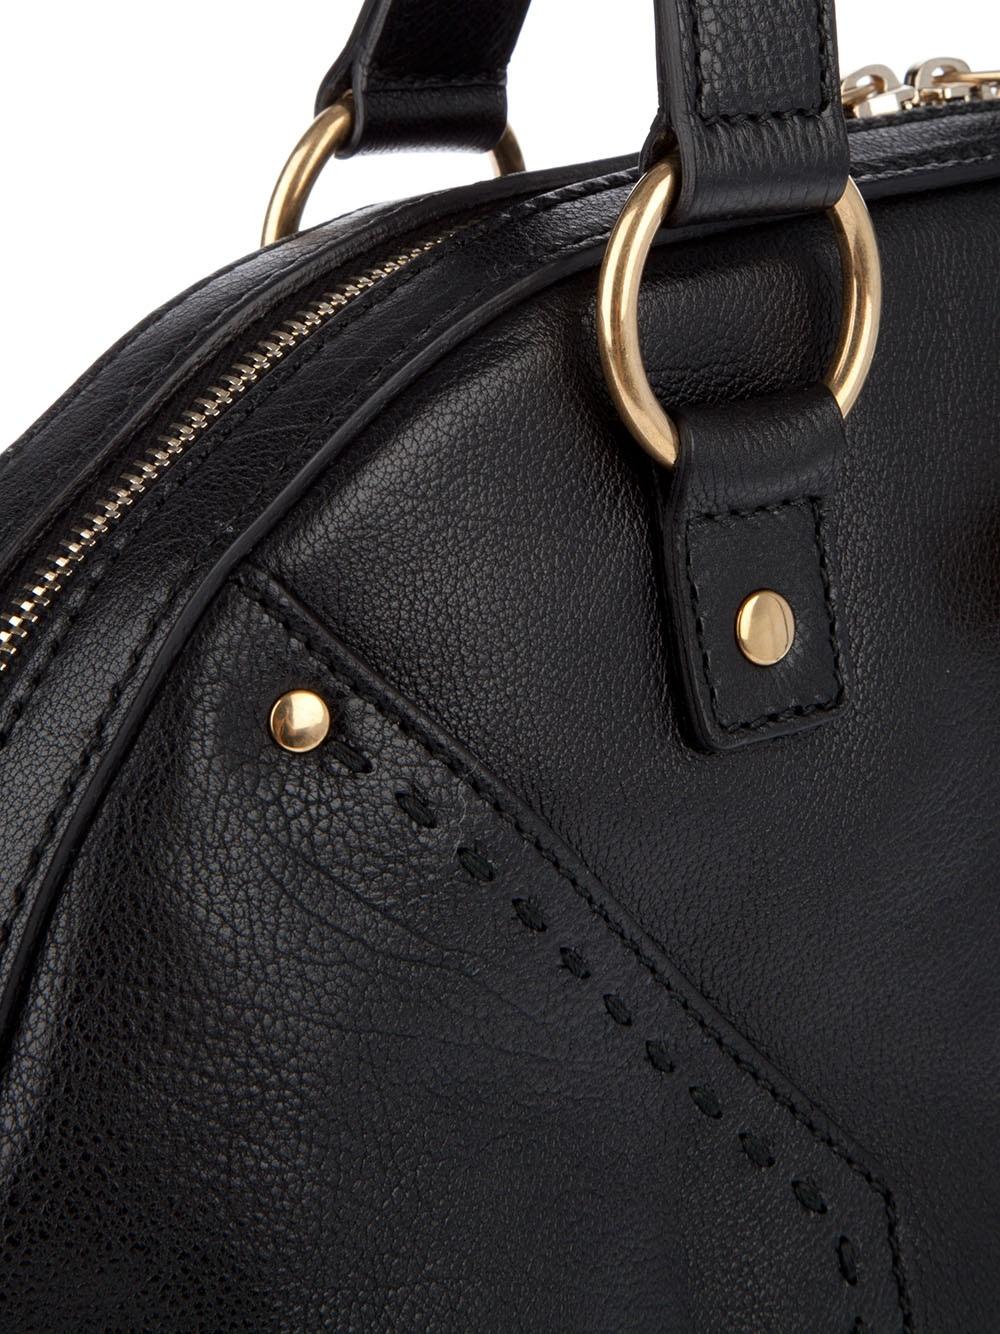 Saint laurent Large Muse Bag in Black | Lyst